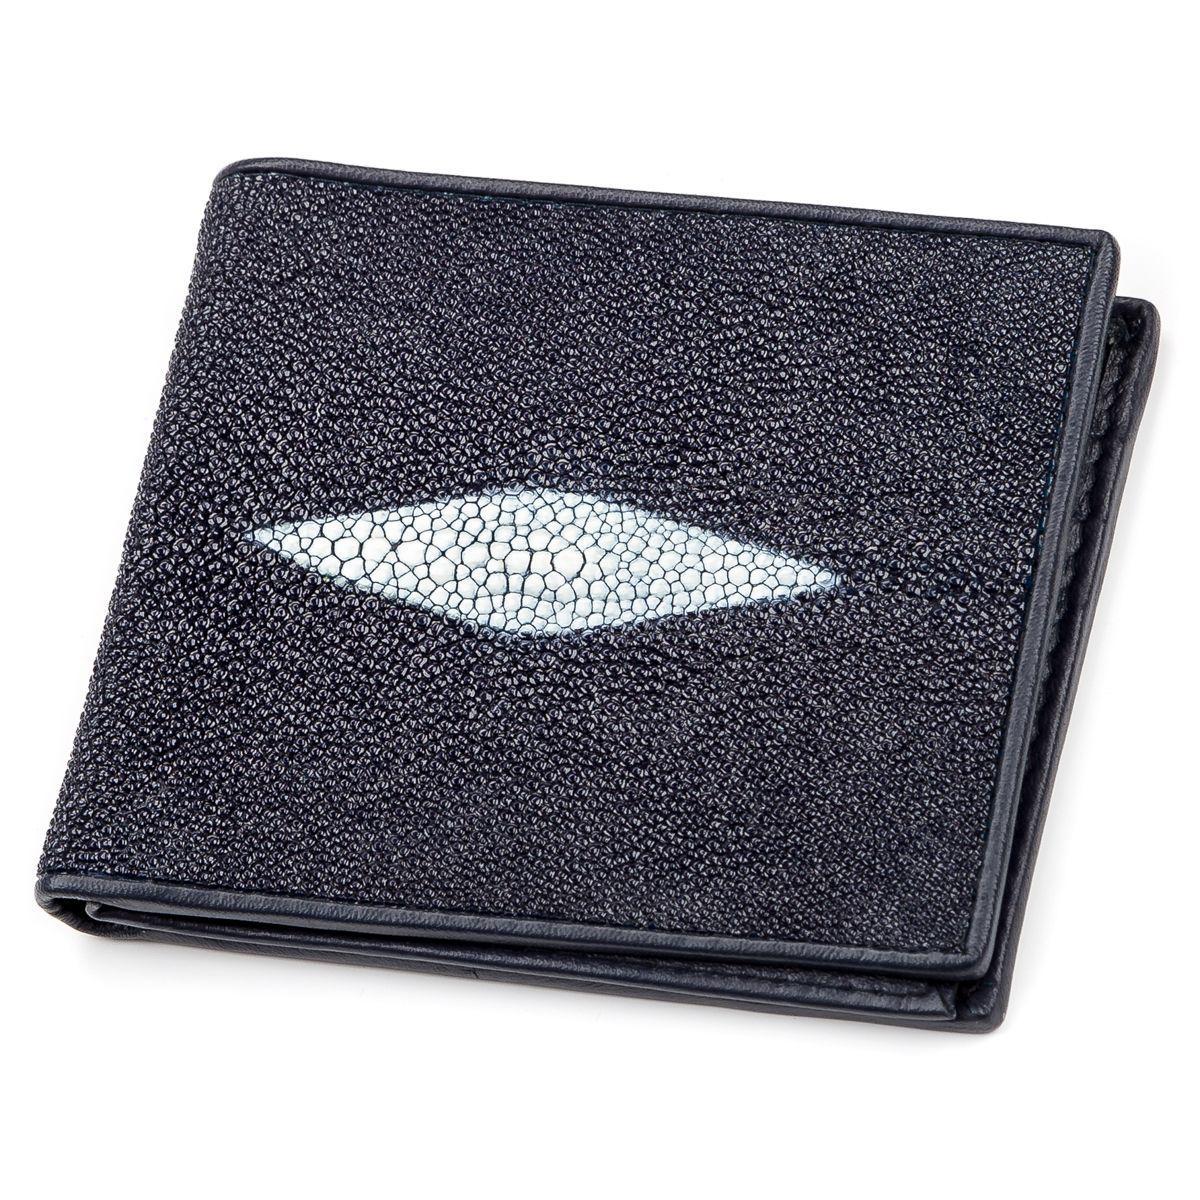 Портмоне чоловіче Ekzotic Leather з натуральної шкіри морського скату Синє